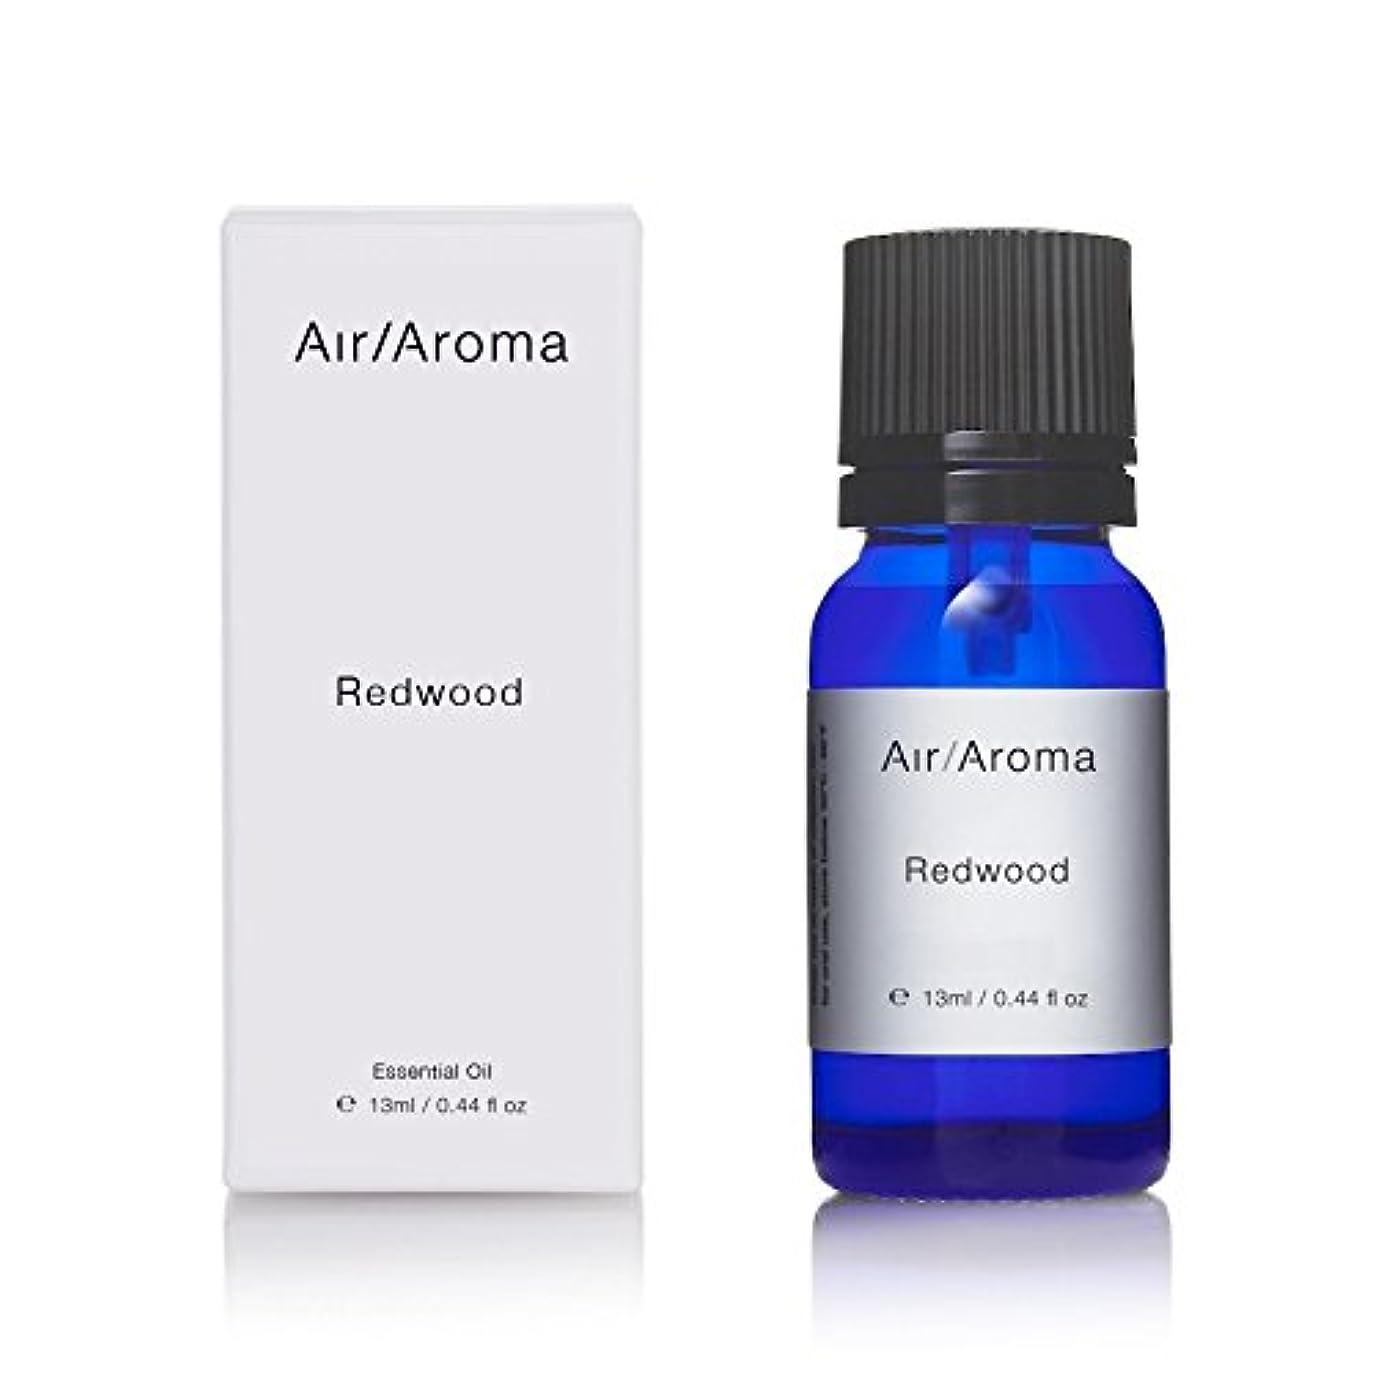 知覚できるルール上下するエアアロマ redwood (レッドウッド) 13ml